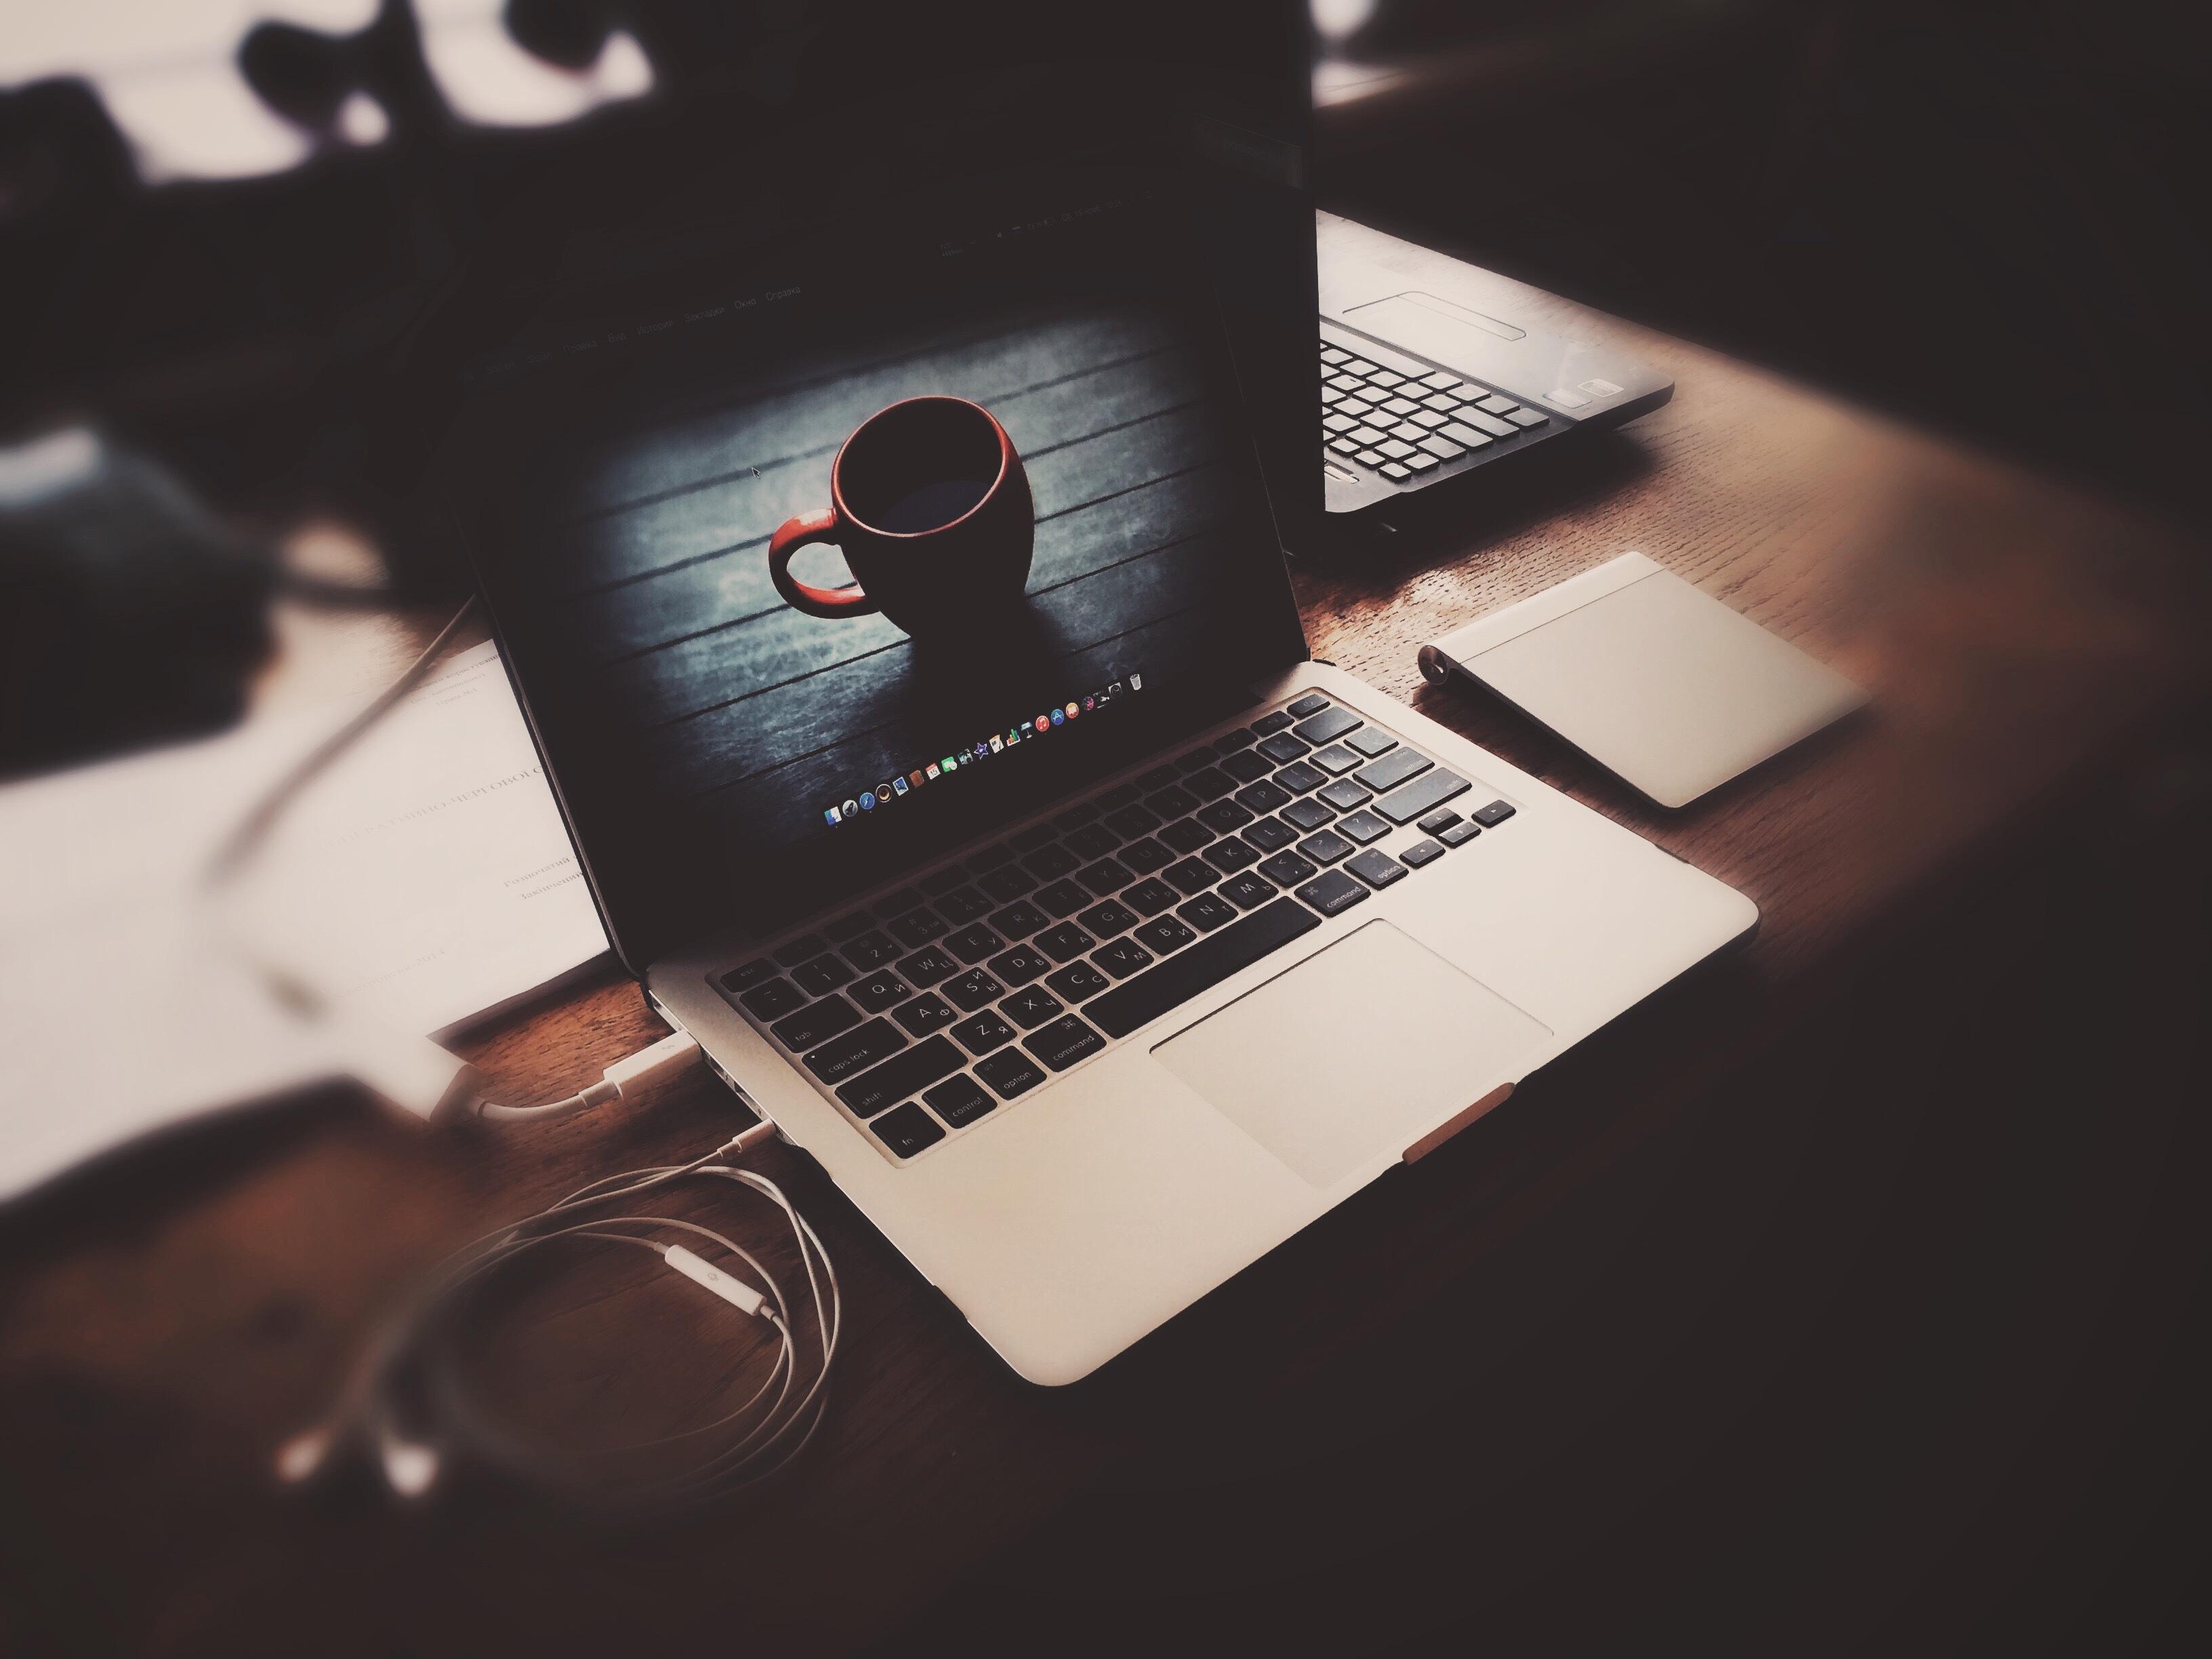 Macbook Pro Apple Laptop Headphones, HD Computer, 4k